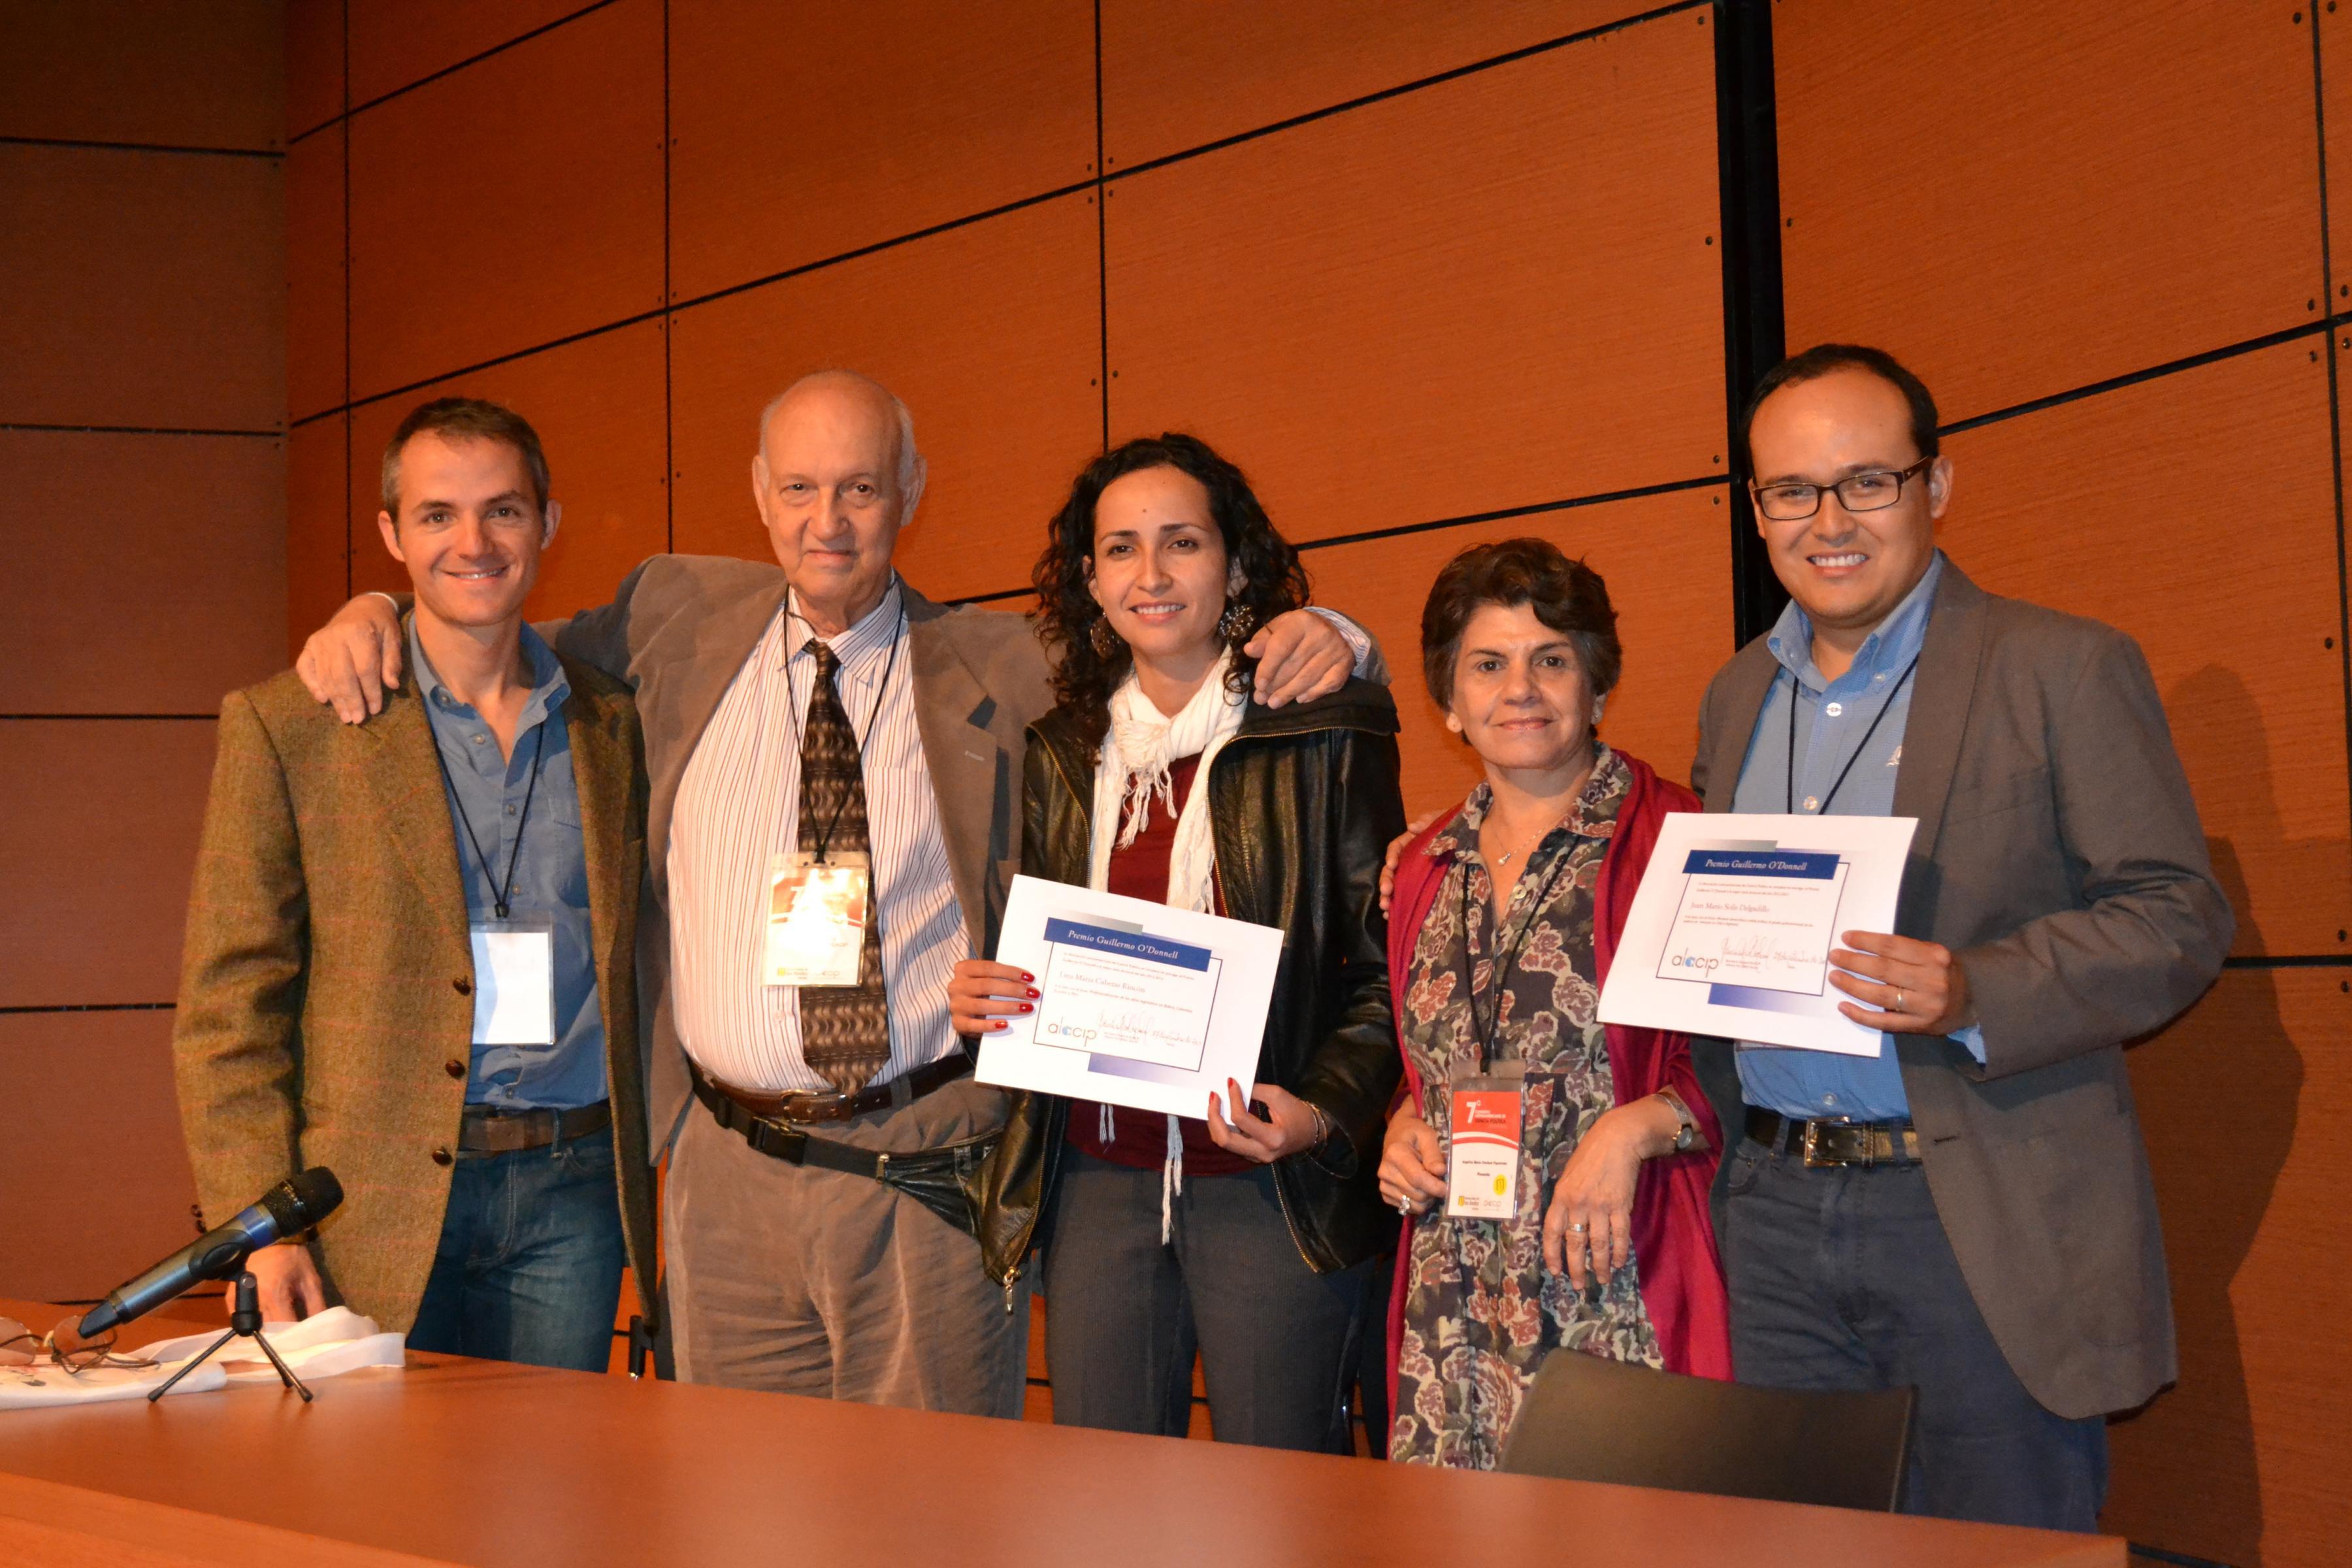 Dos estudiantes del Instituto de Iberoamérica reciben el premio a la mejor tesis doctoral de ALACIP